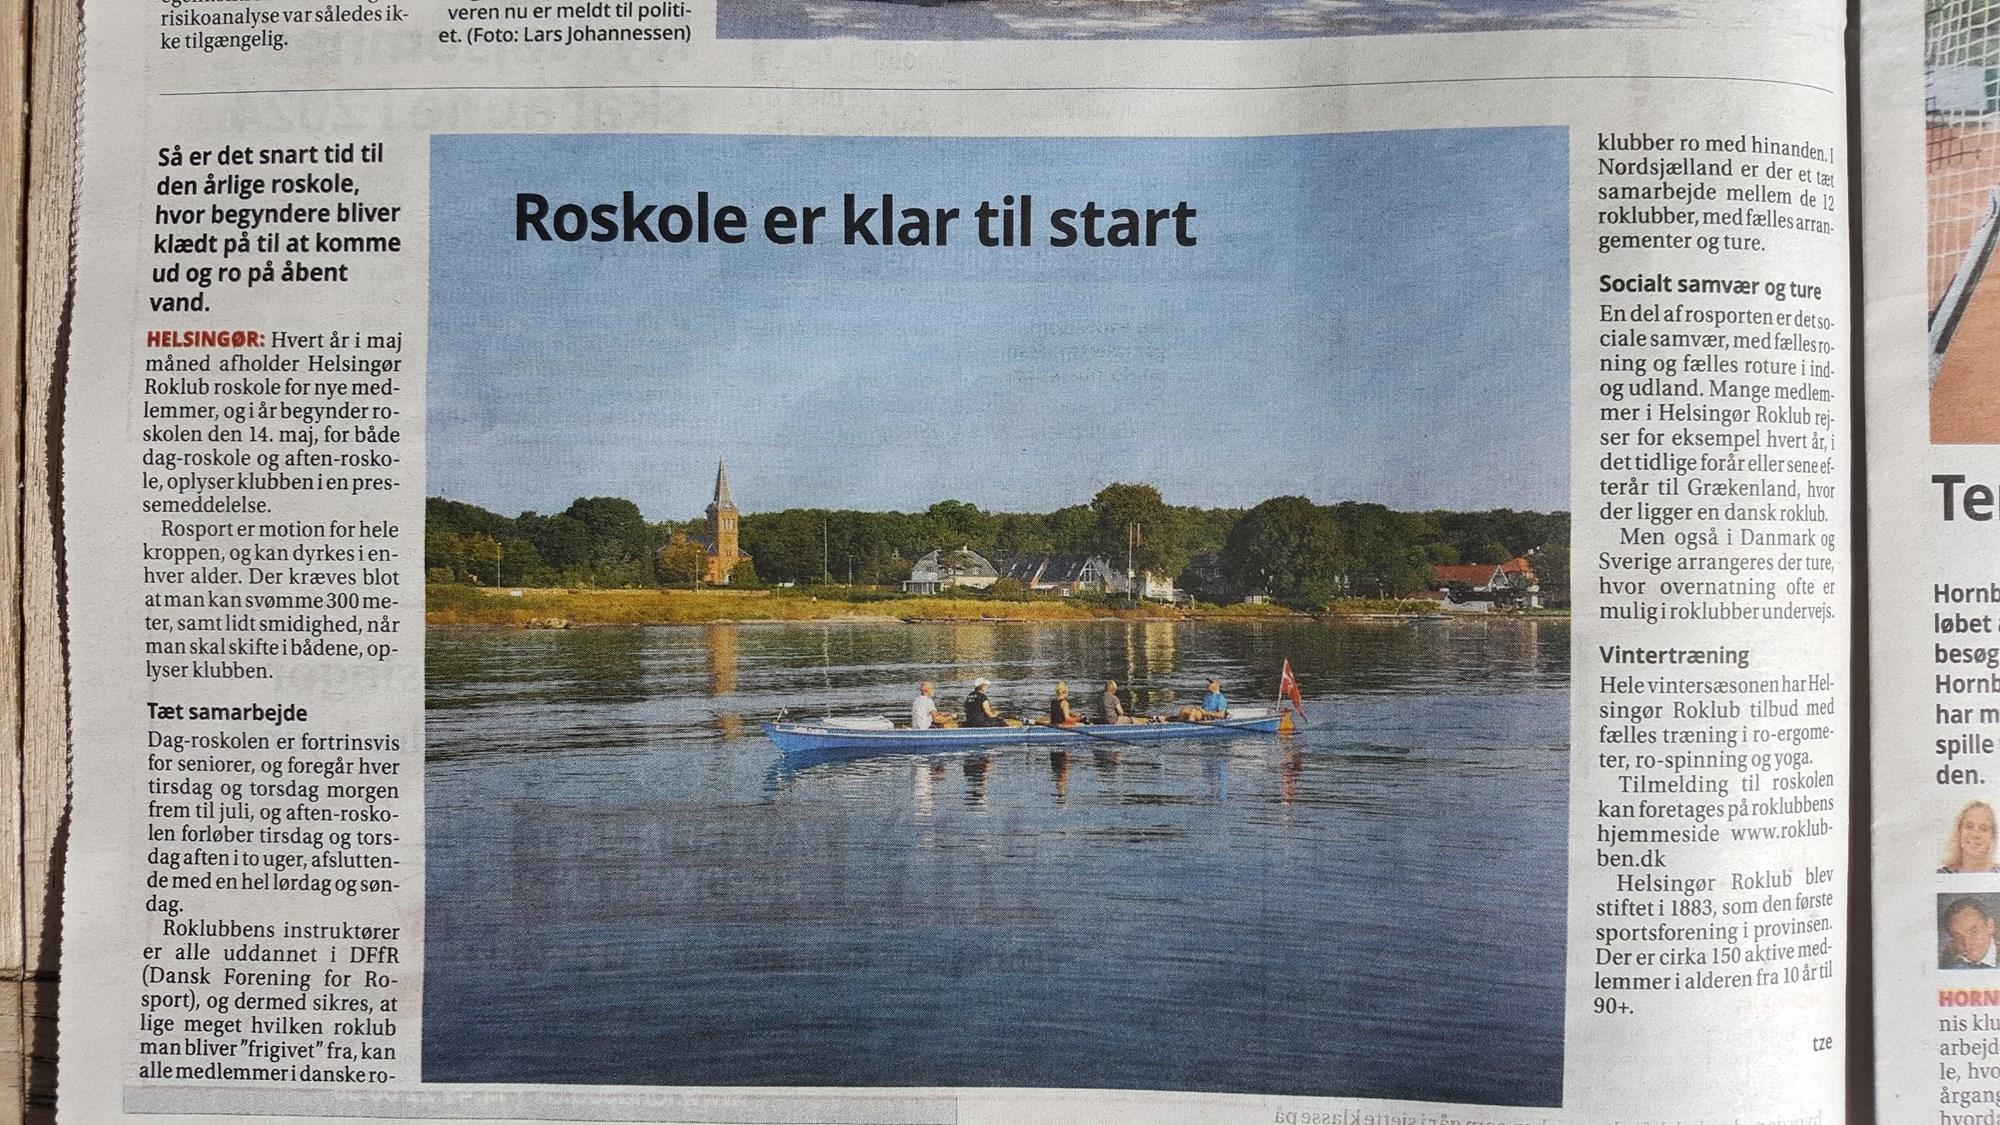 Roskole 2019 start